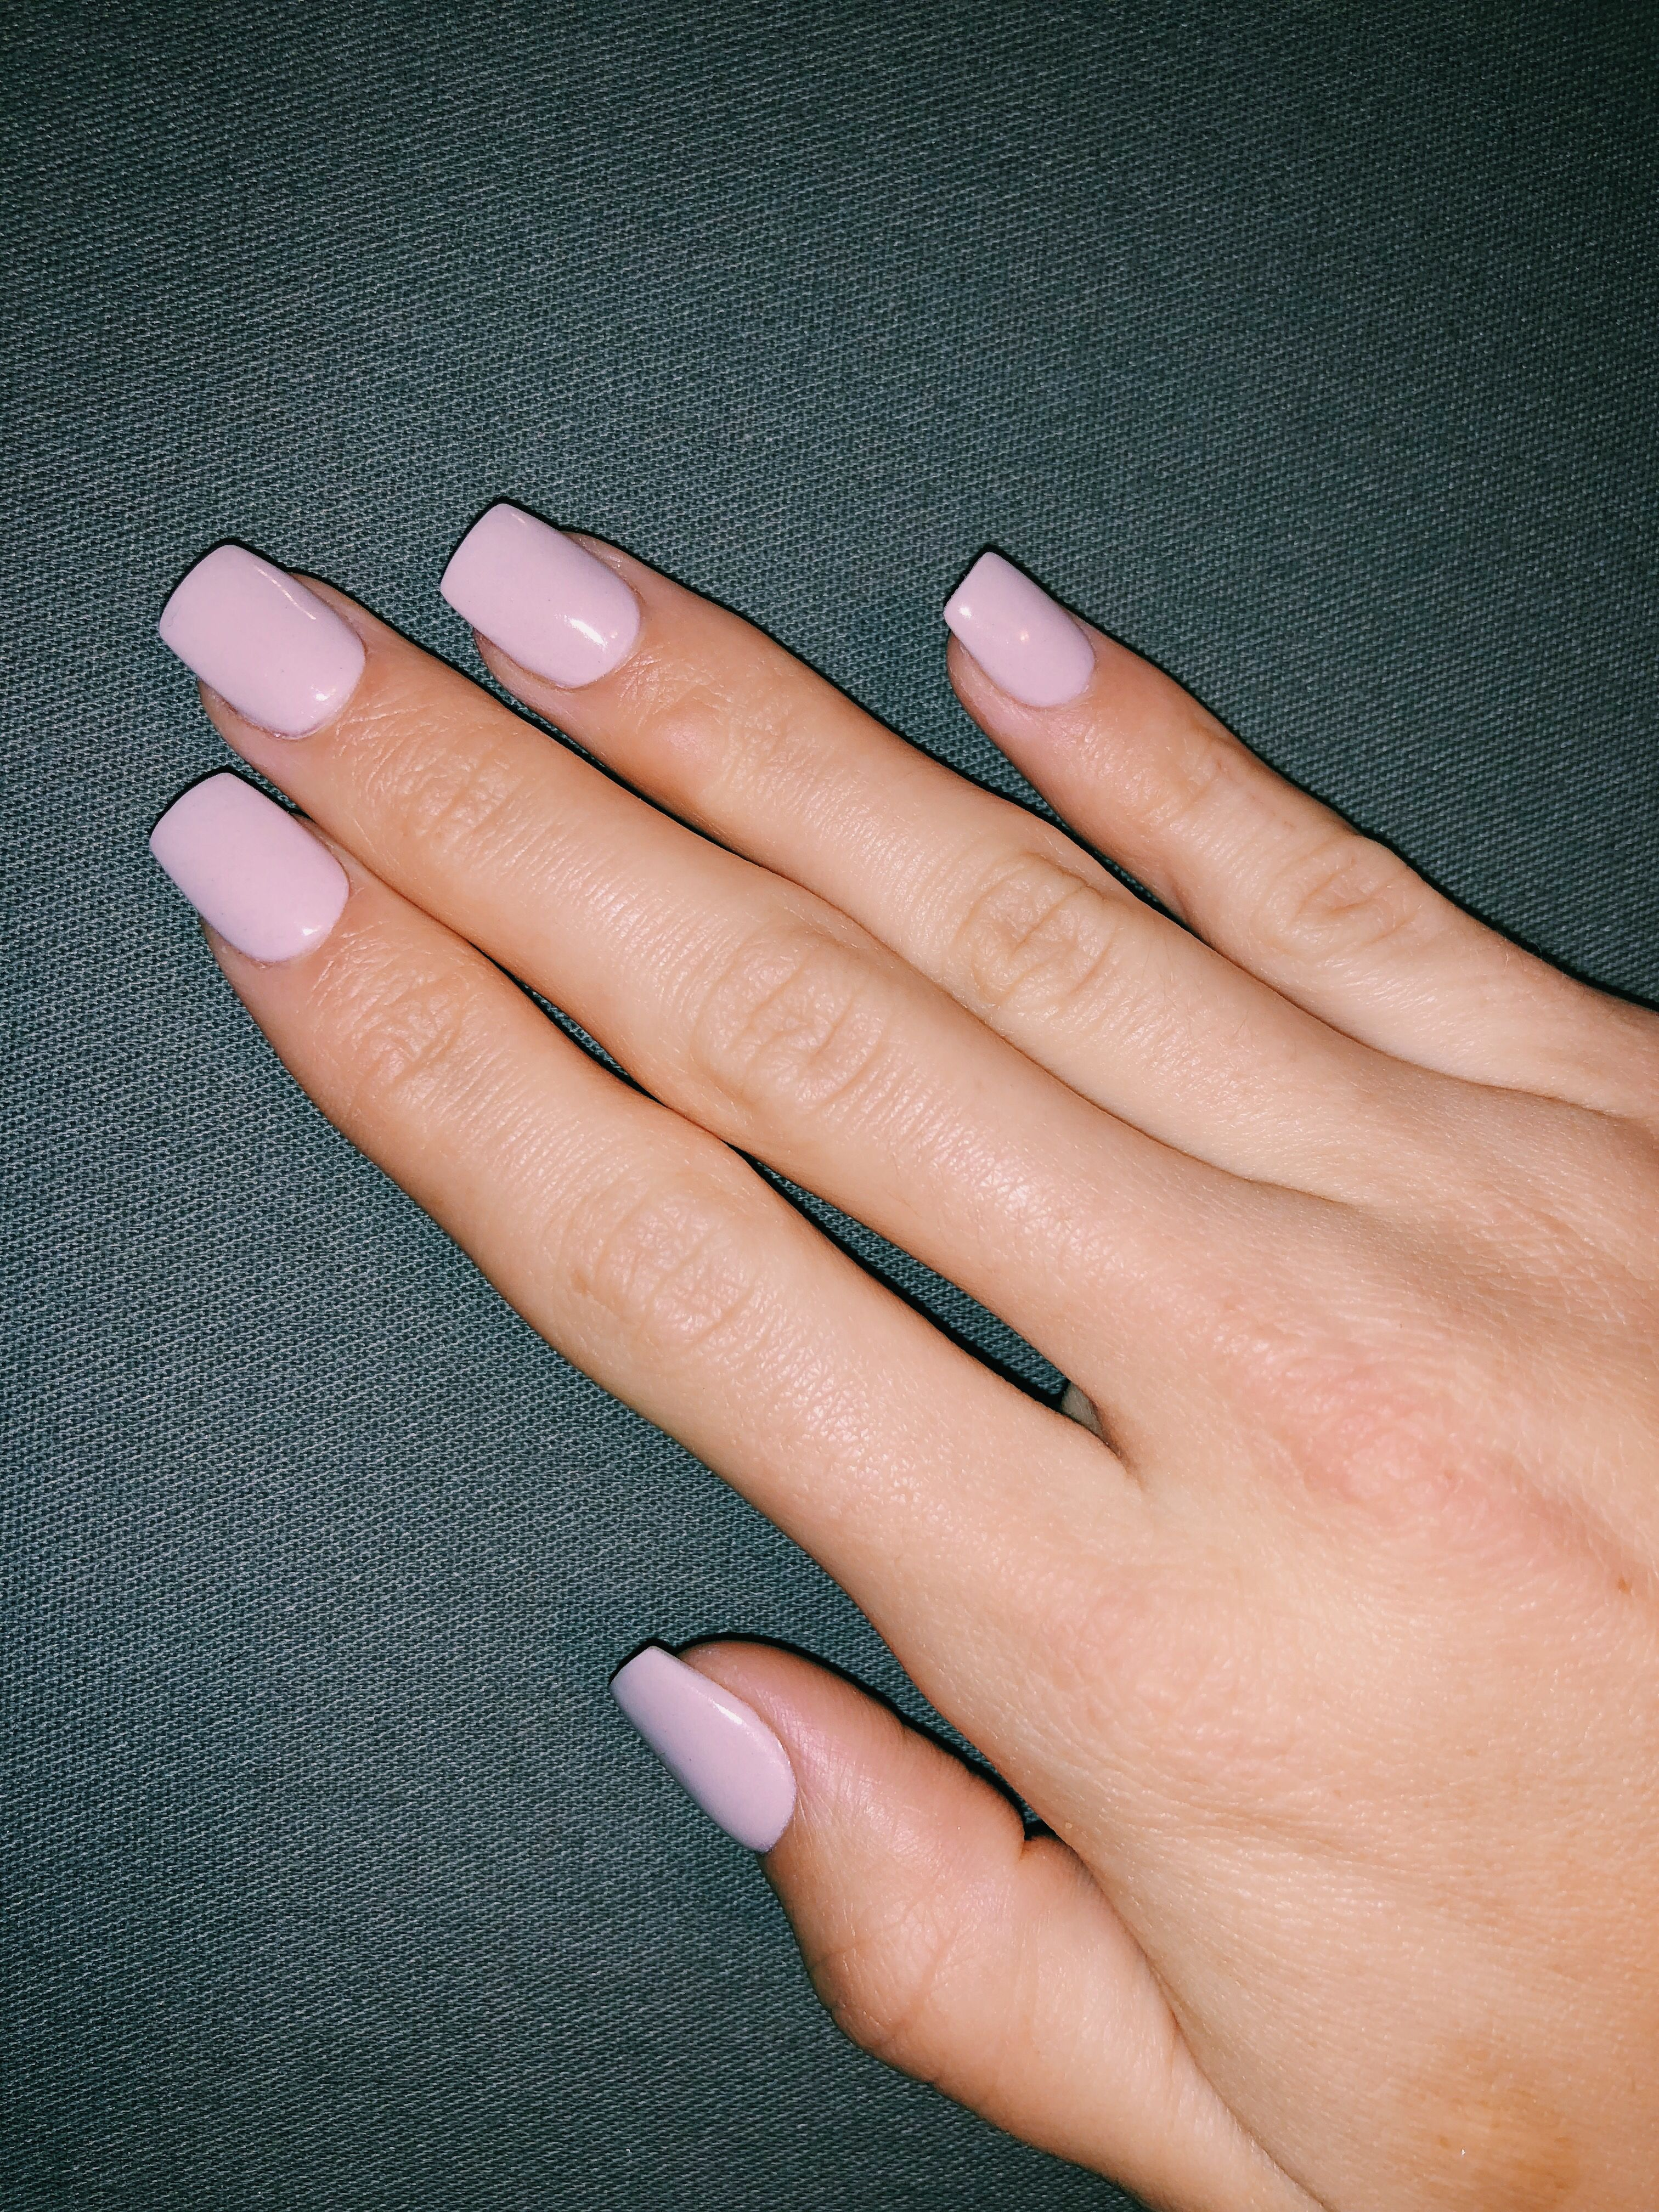 Sns 65 Short Acrylic Nails Pretty Acrylic Nails Fake Nails